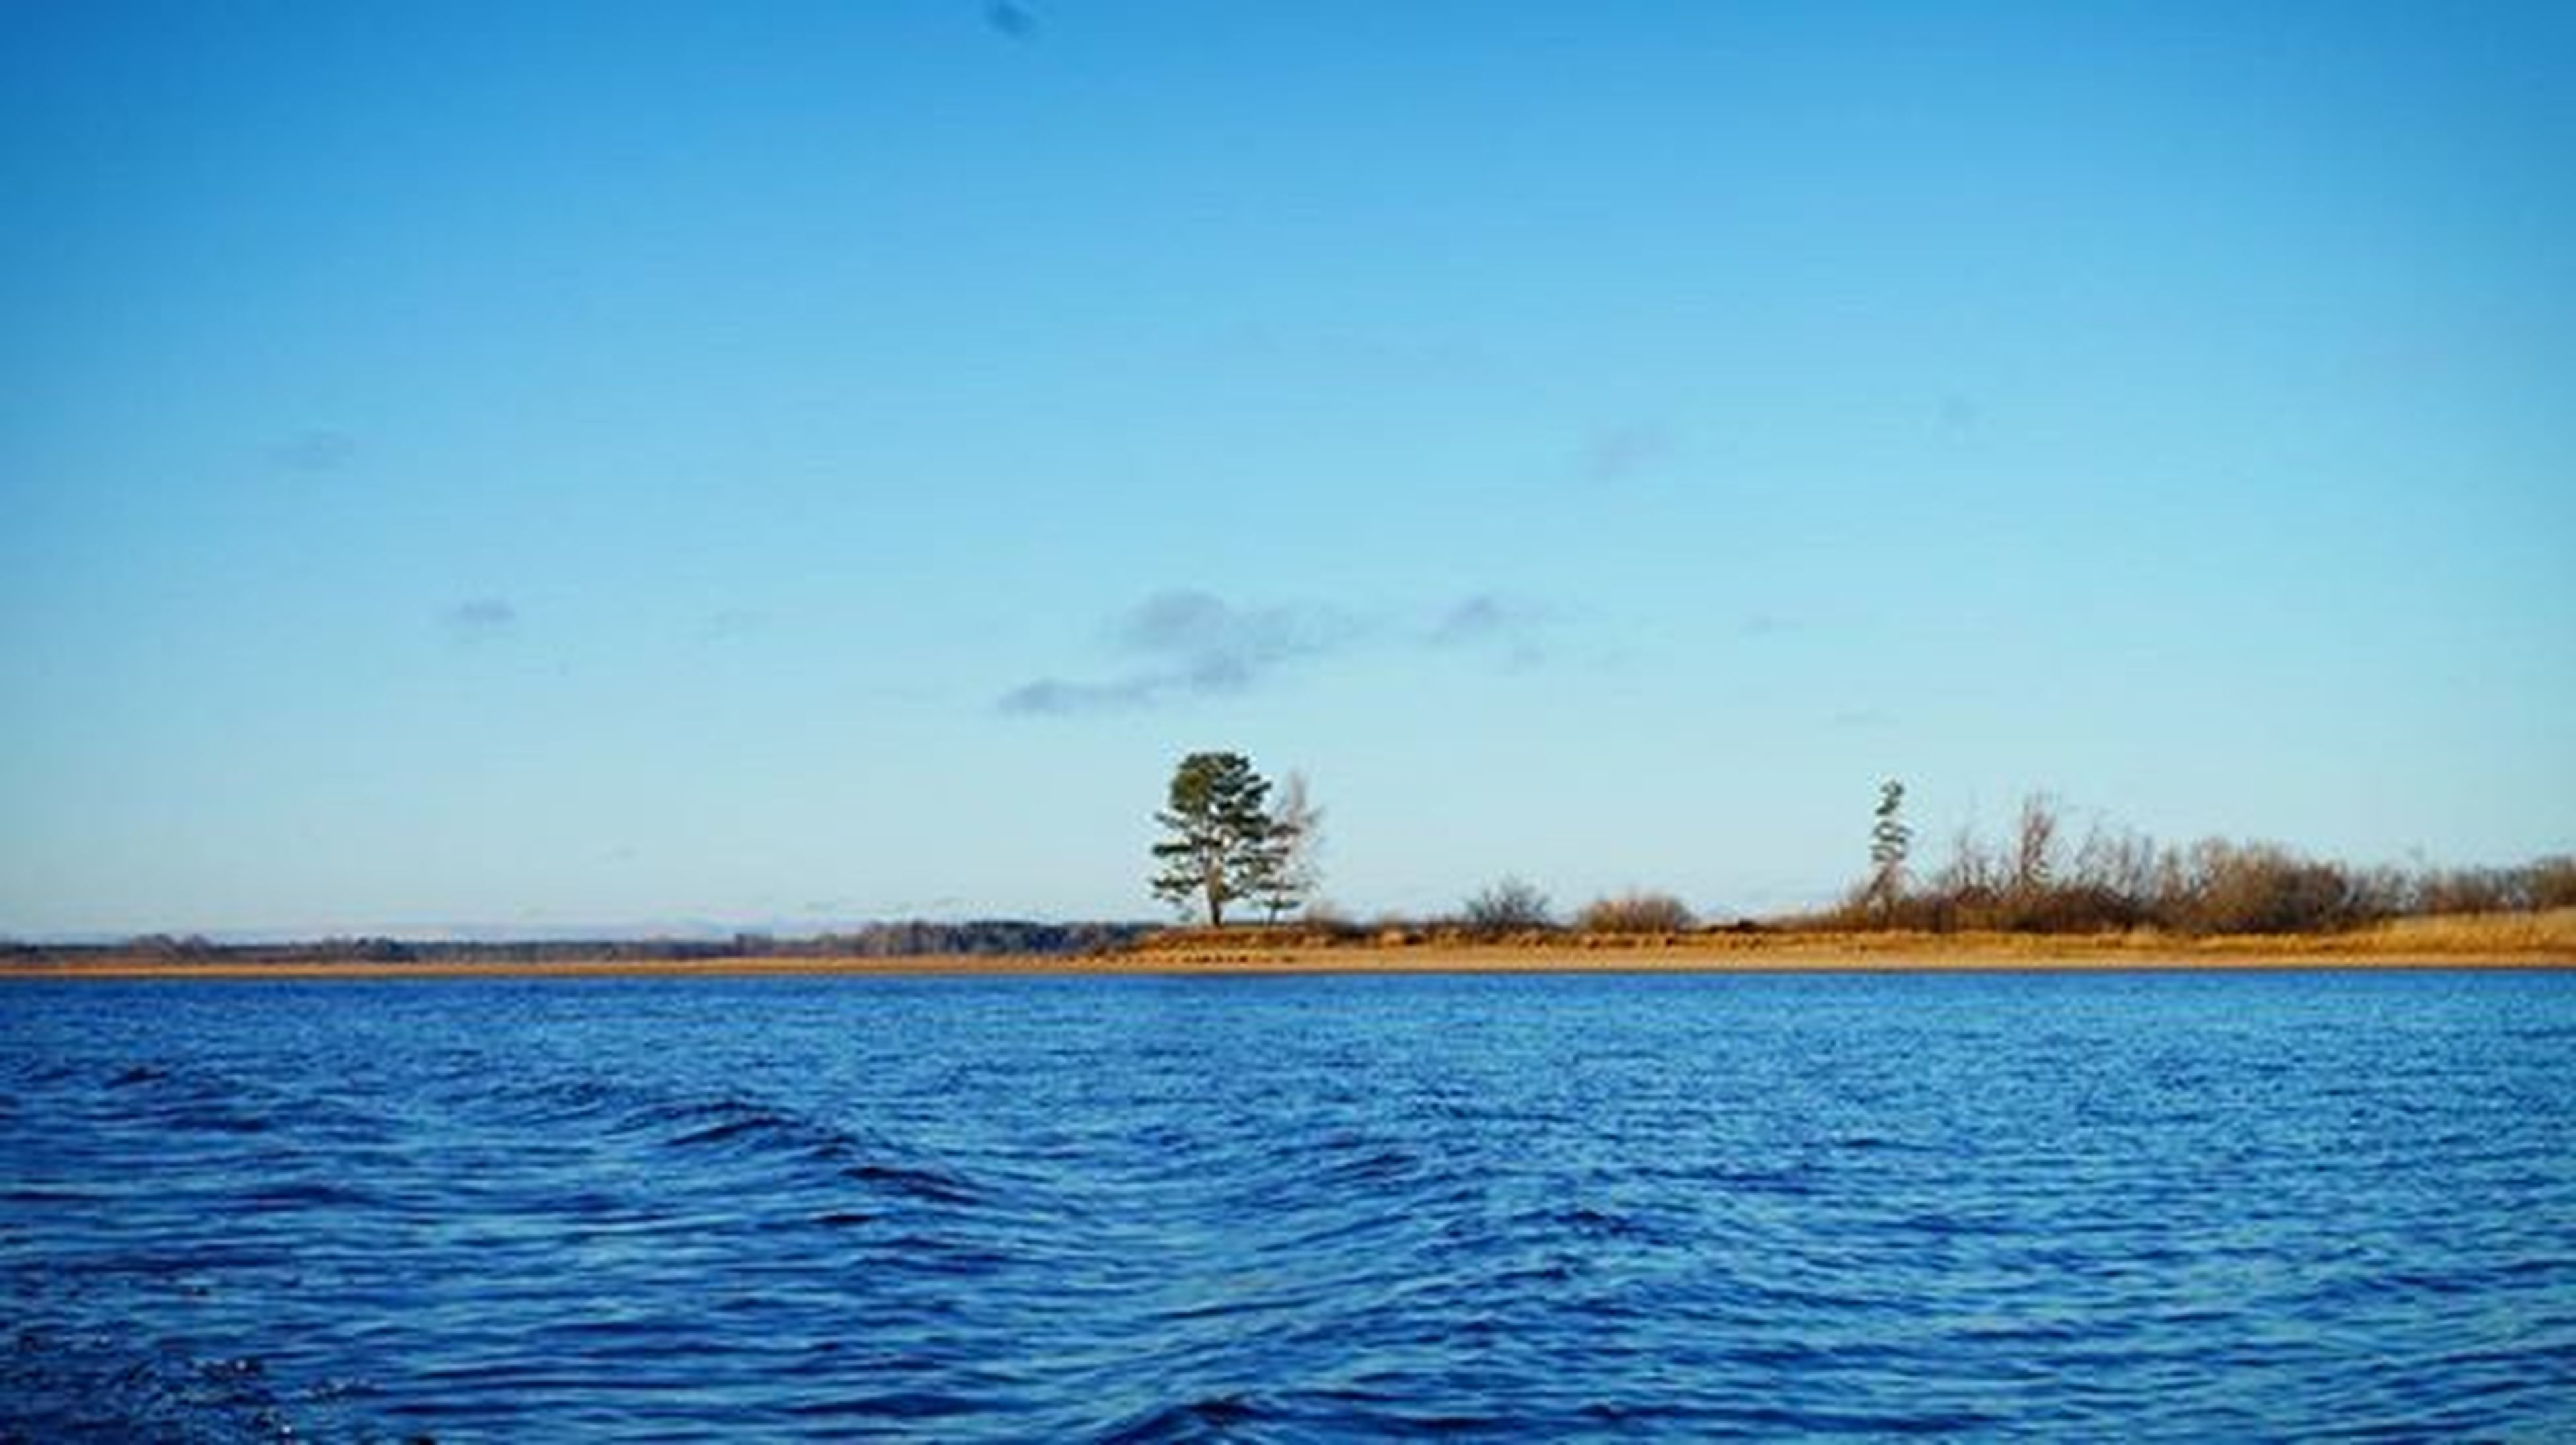 Цвет воды поражает)) безфильтра остров деревце рыбинка Рыбалка ктокудаамынарыбалку